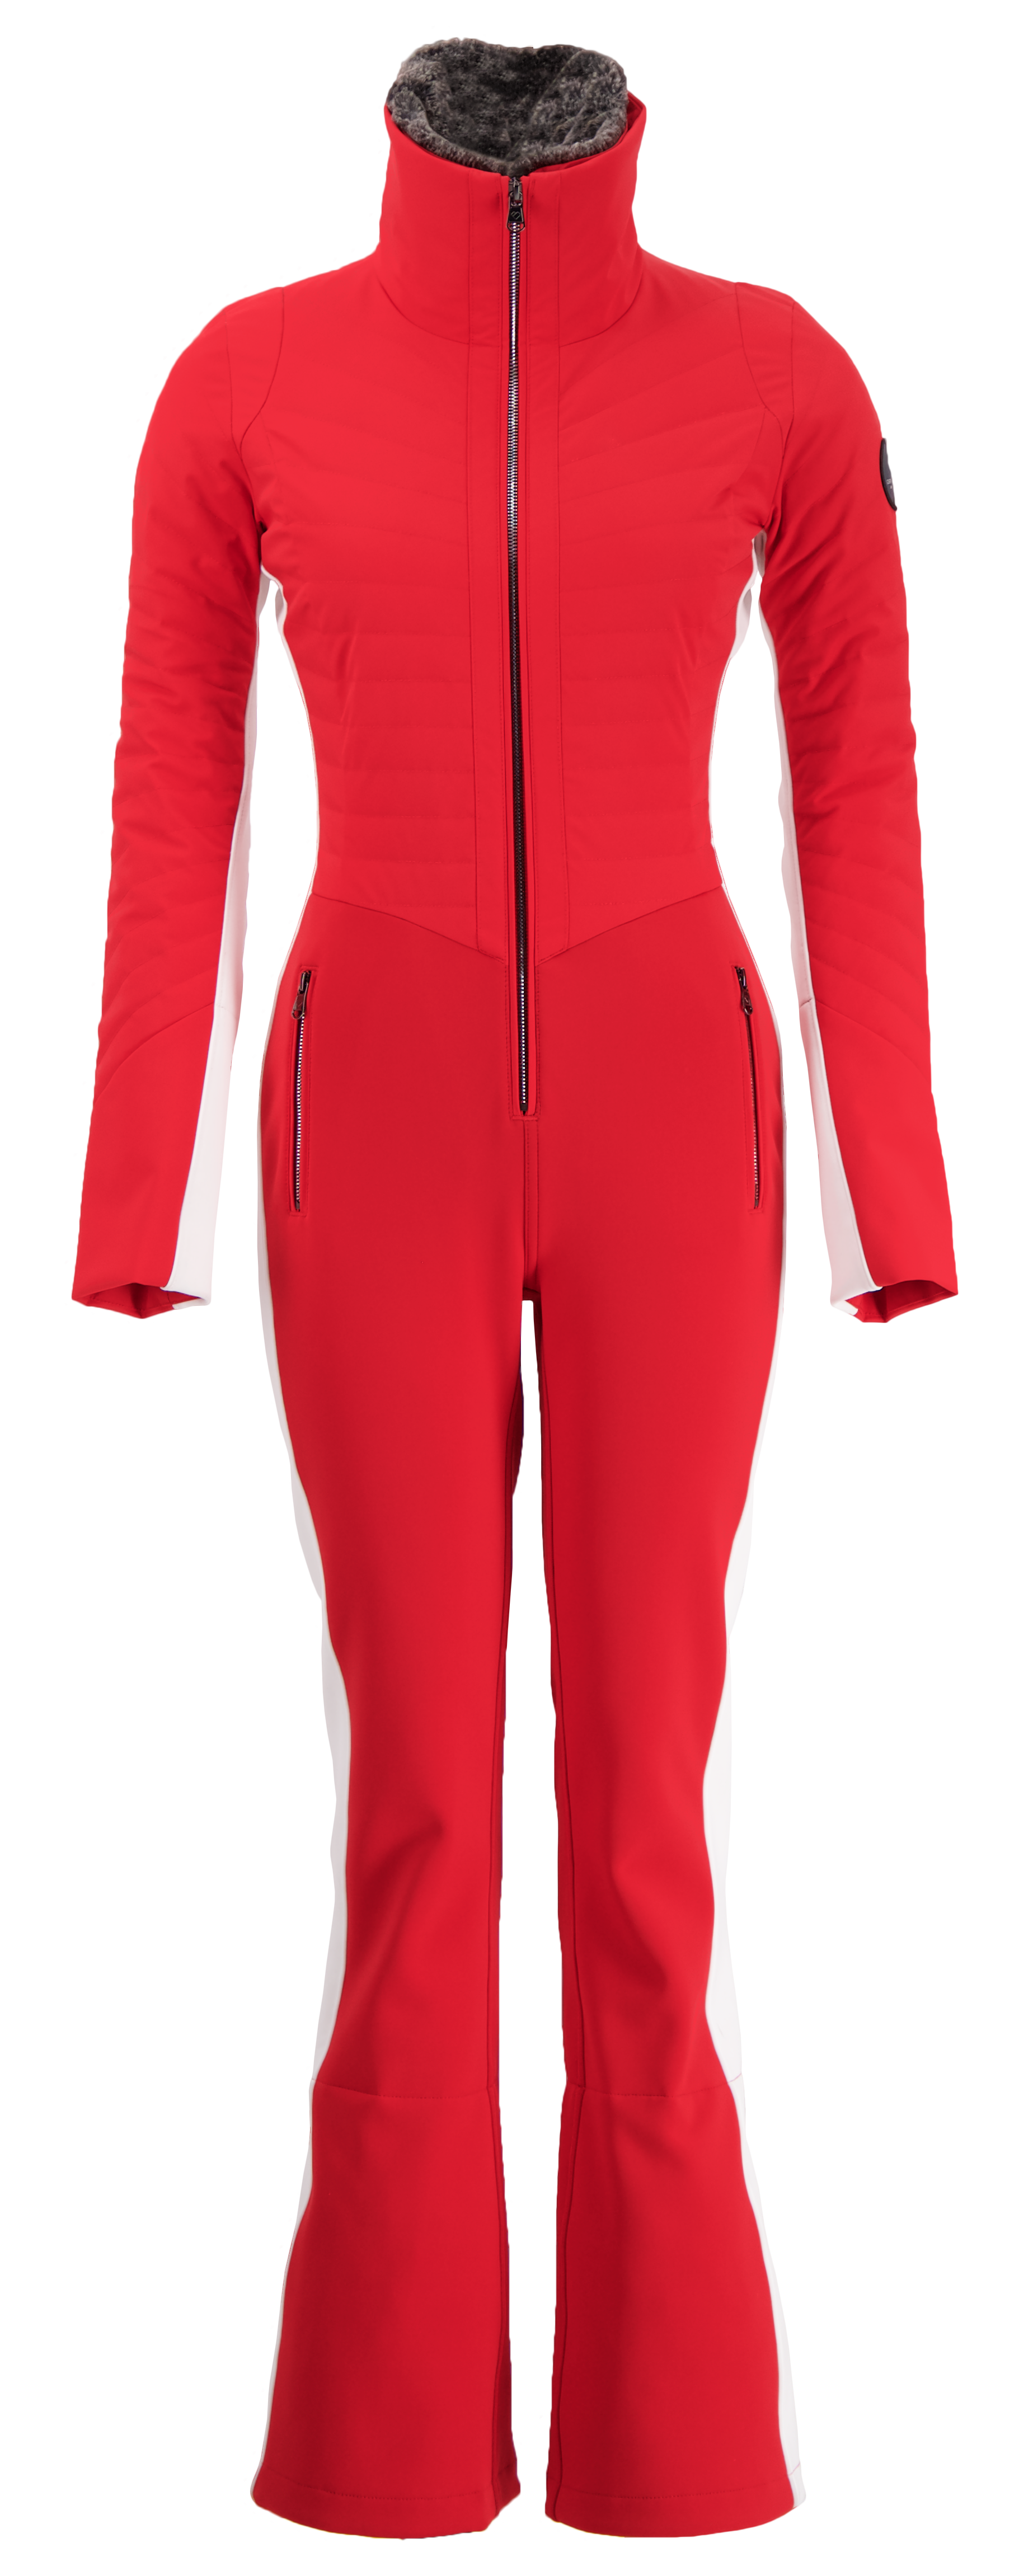 Nordica Sportmachine 10